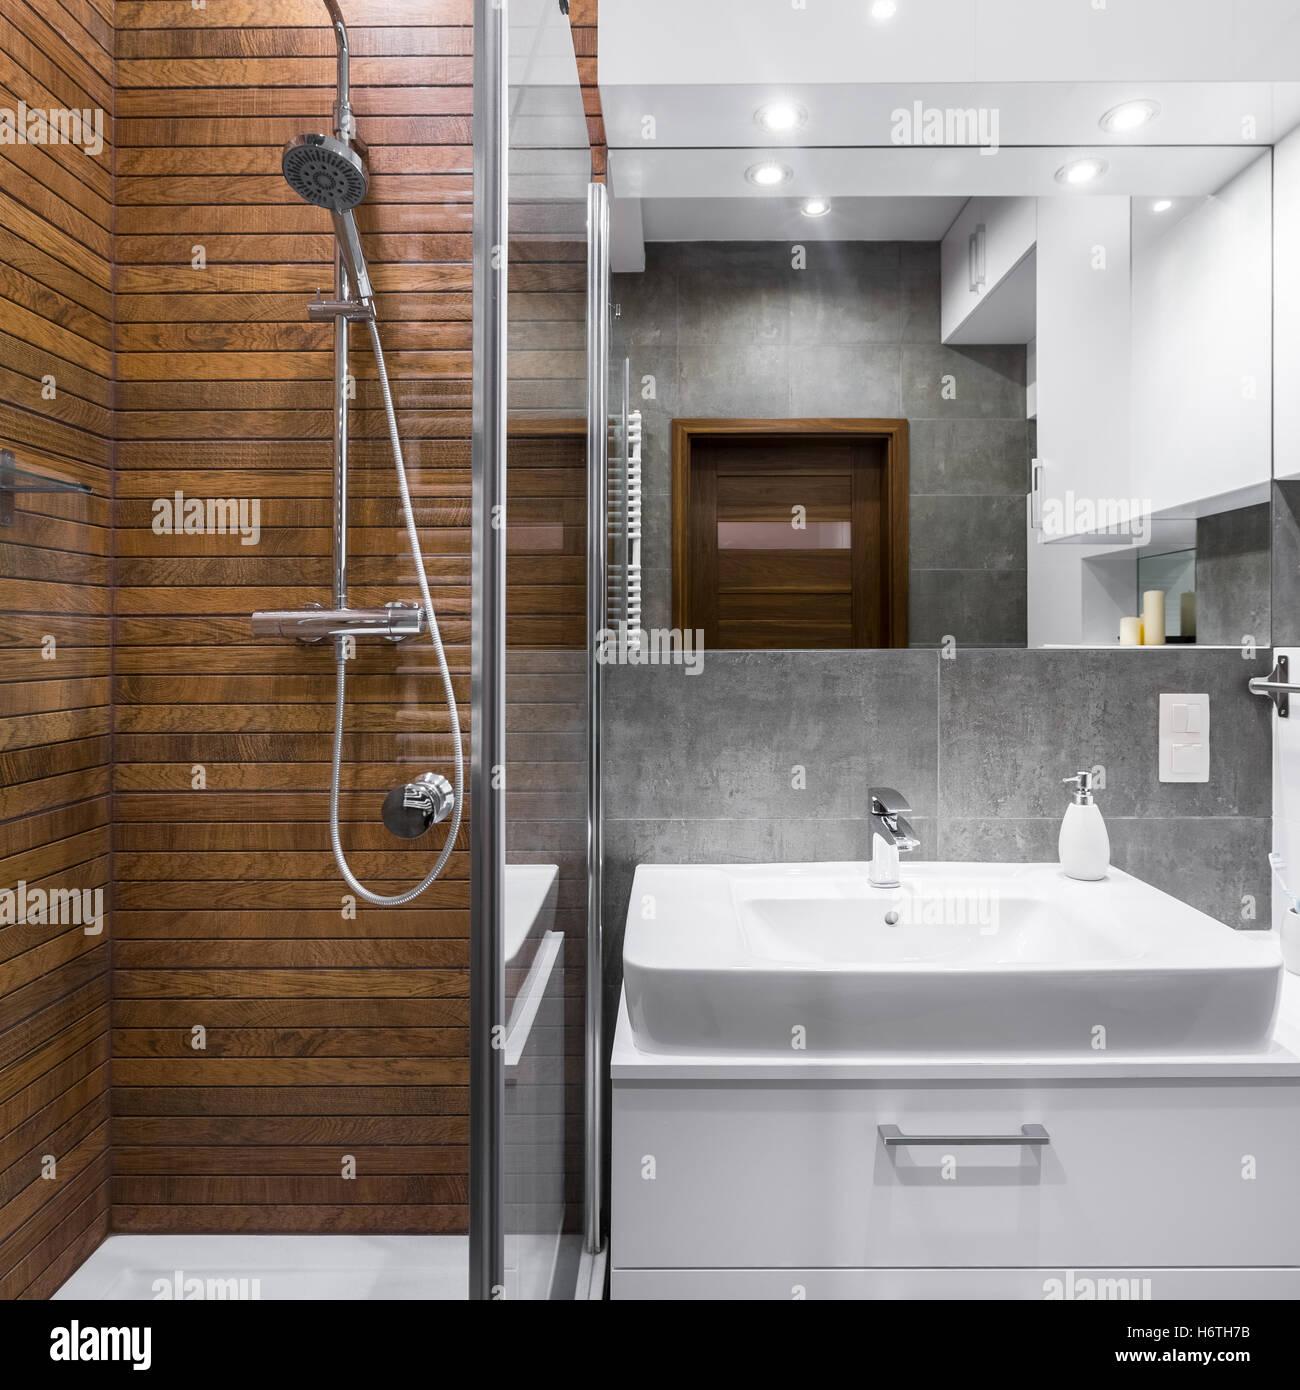 Neuer Stil Badezimmer mit Holzeffekt Fliesen, Dusche, Spiegel und ...